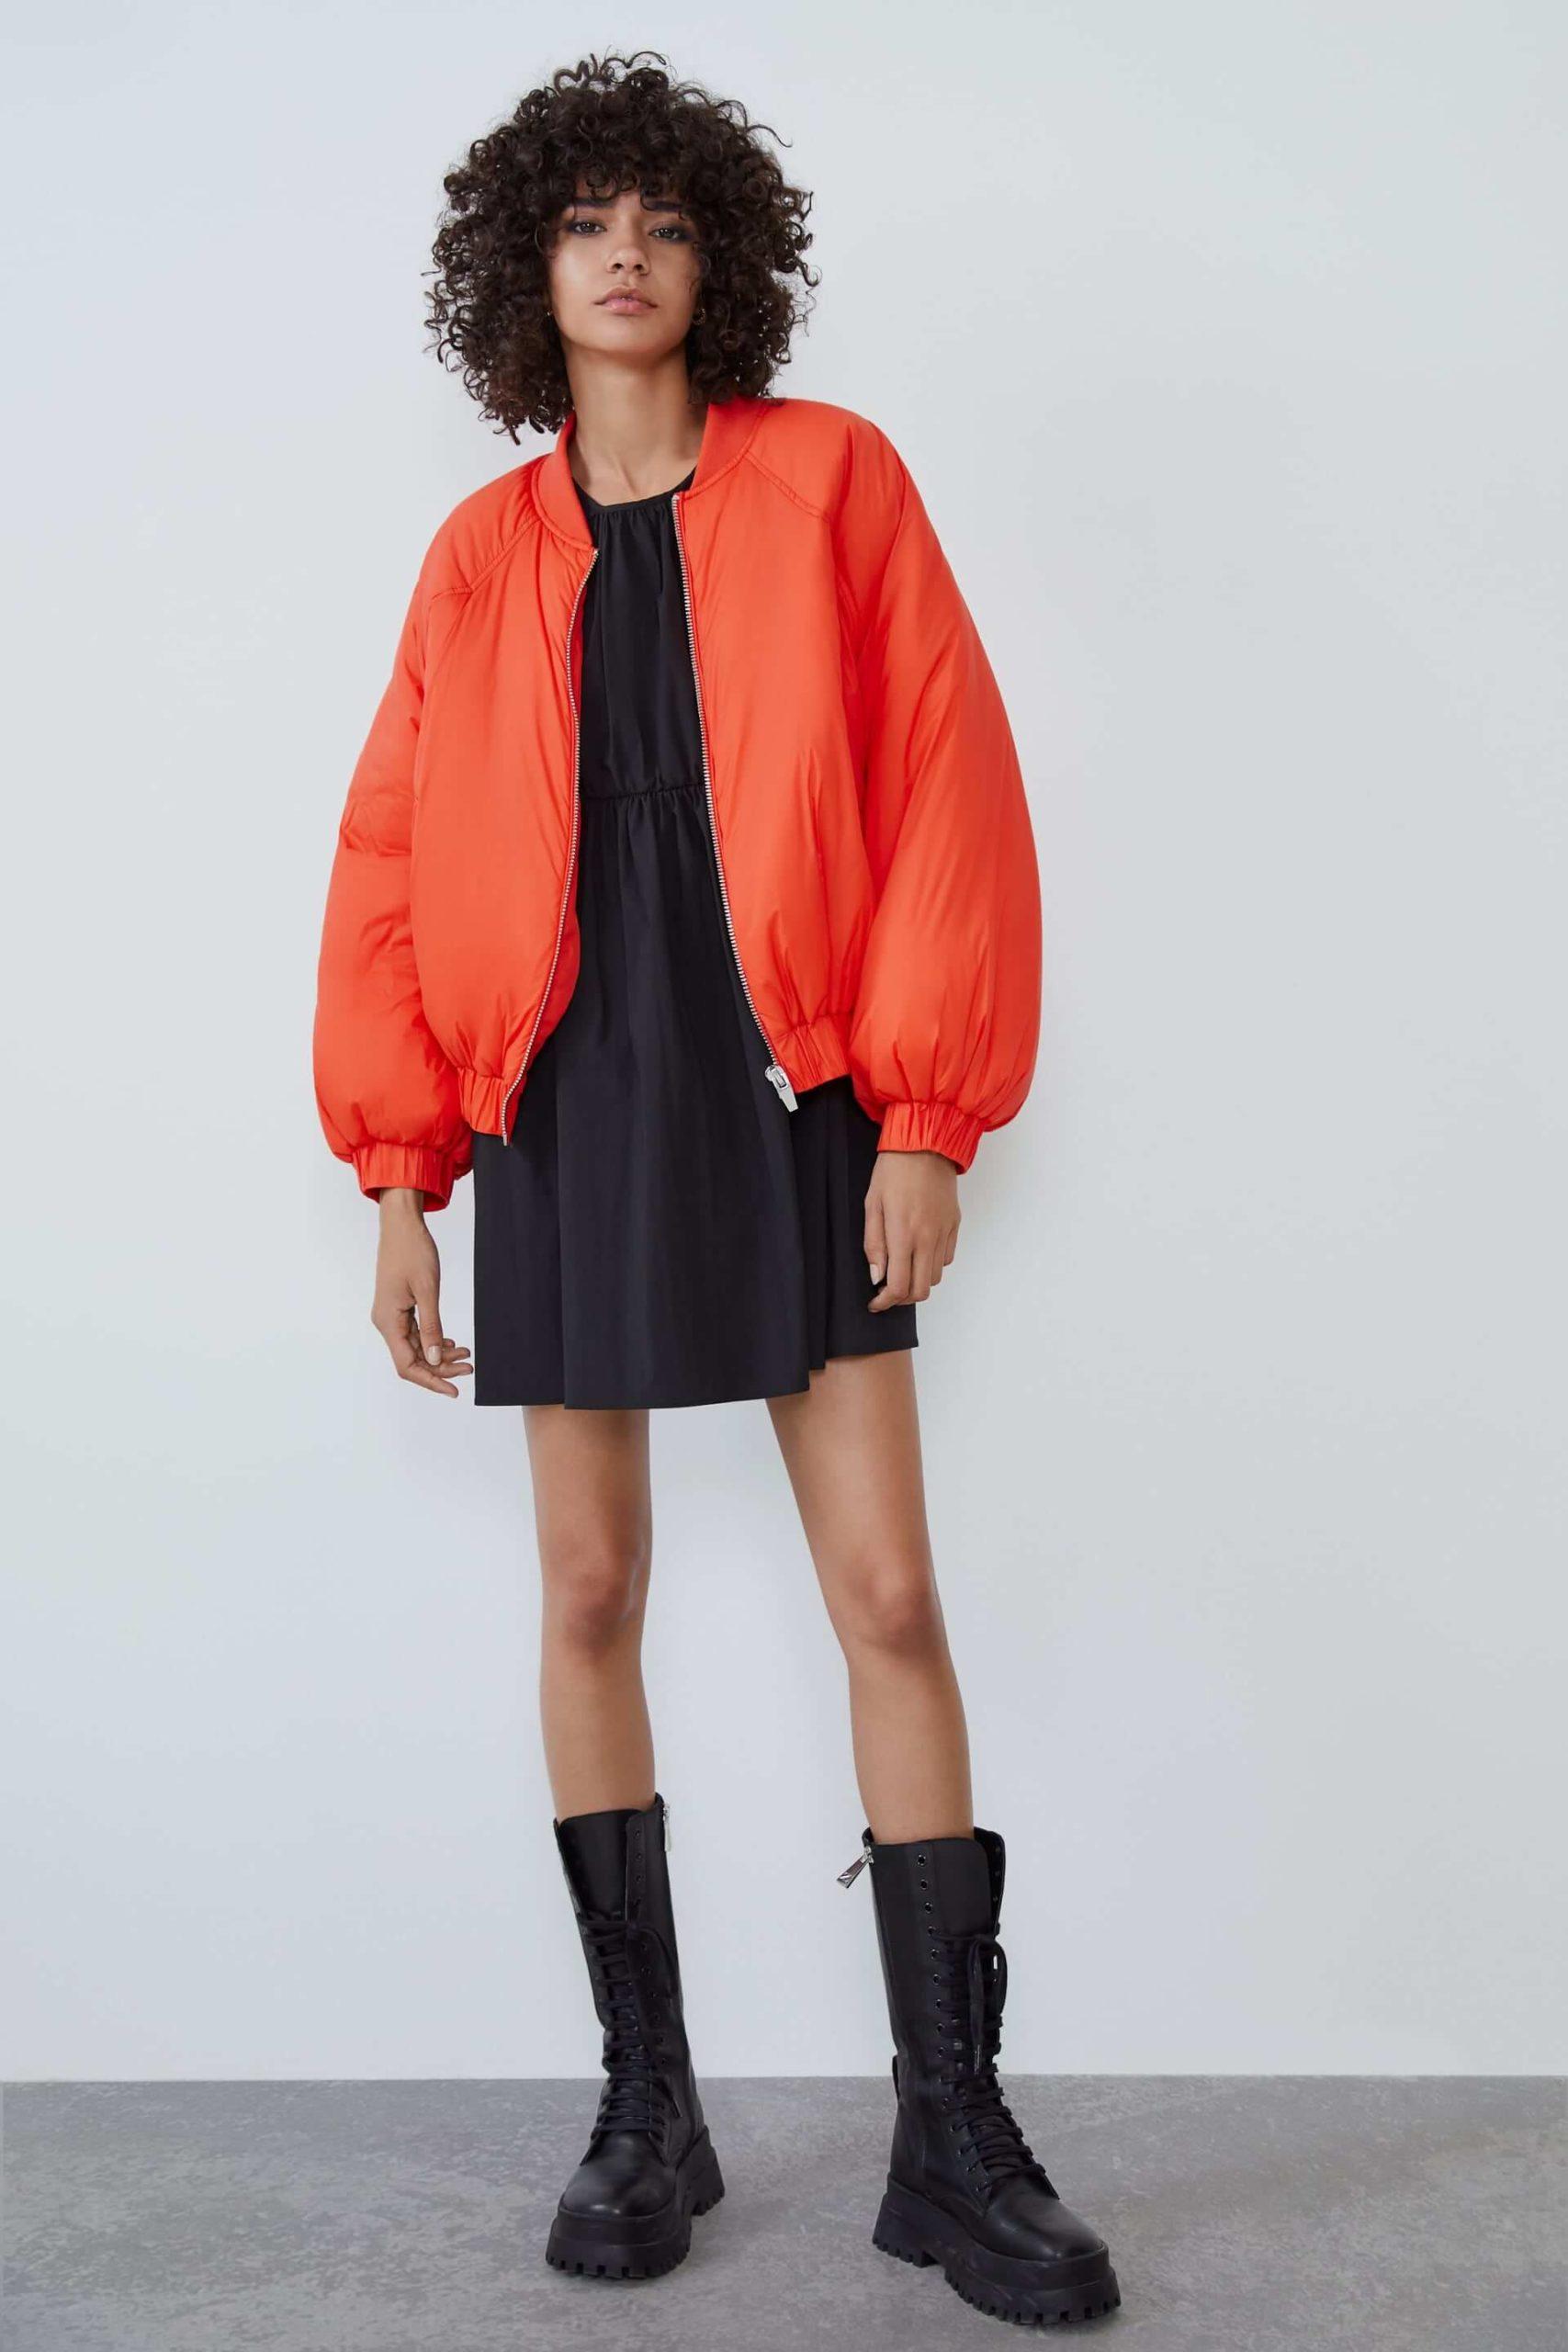 Kadın Bomber Ceket Zara 2020 Bomber Ceket Modelleri